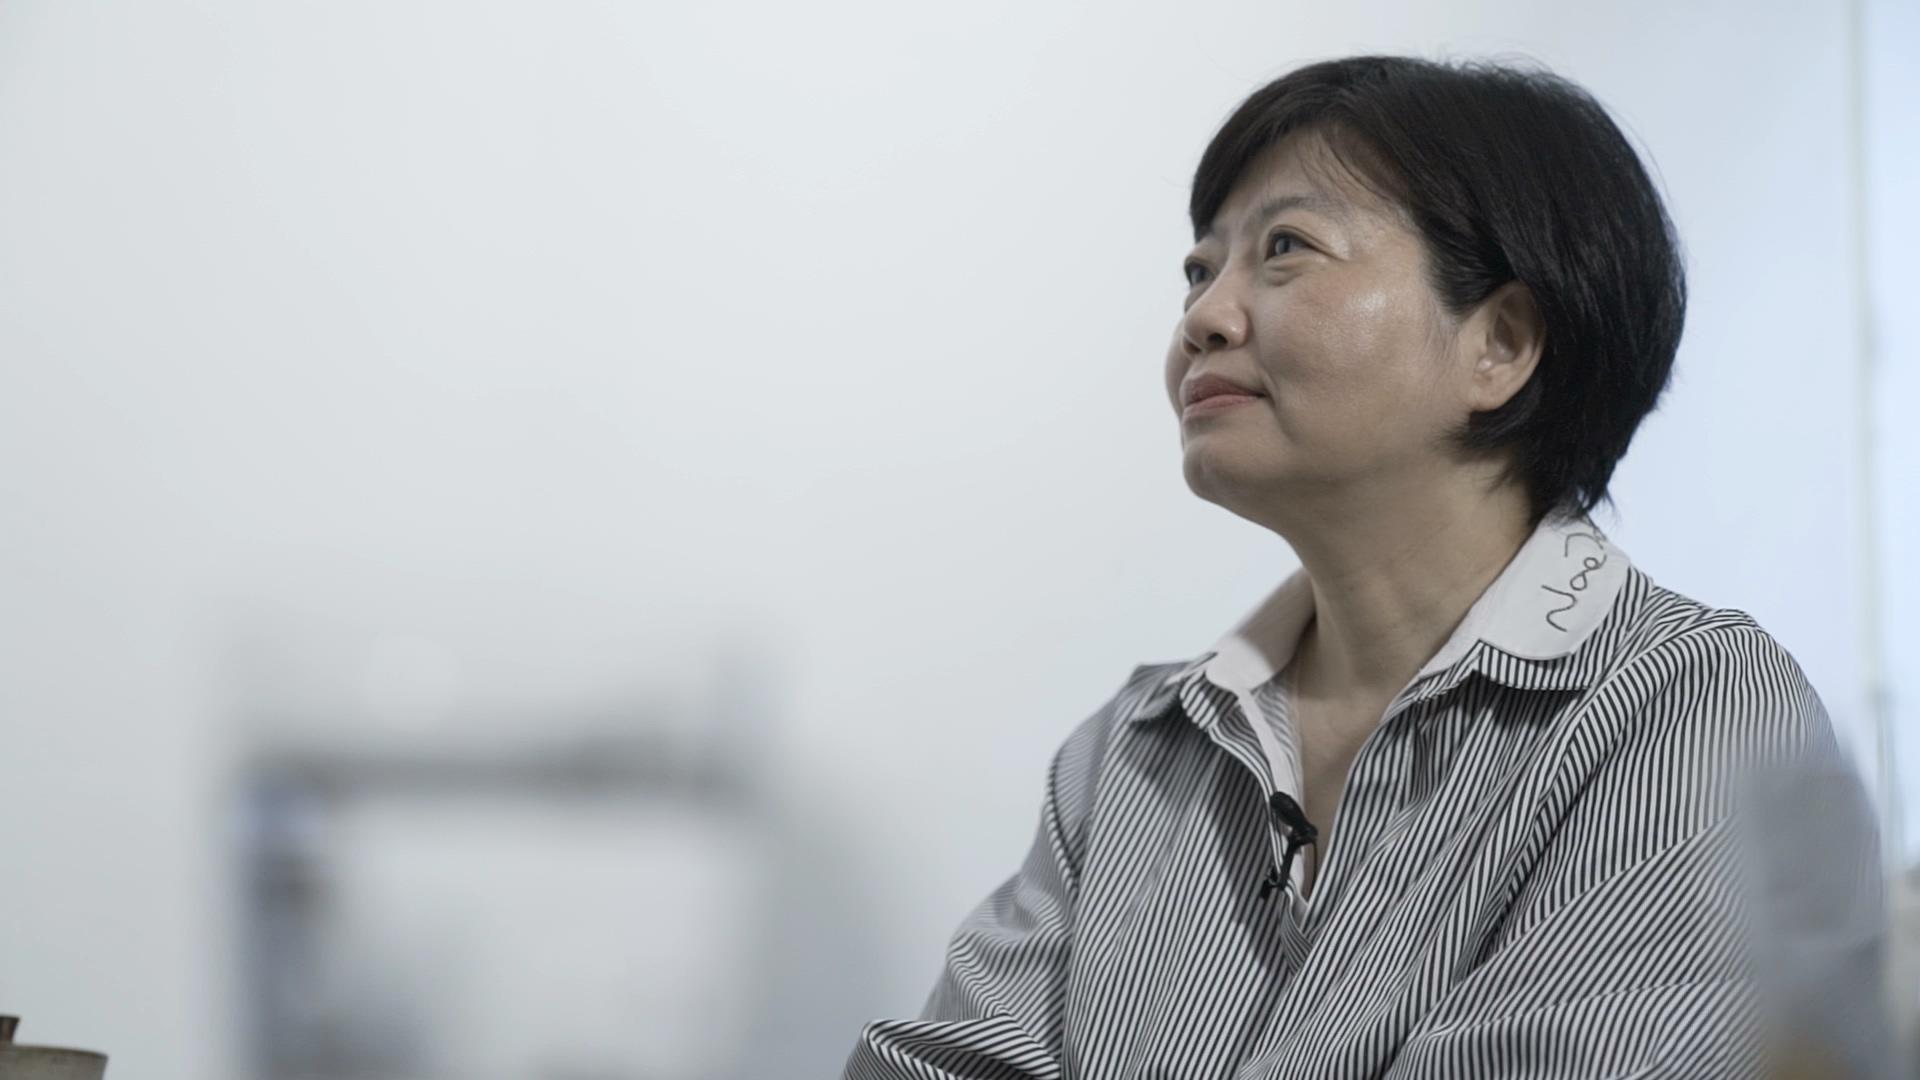 跟家人談論死亡,對郭慧娟來說反而更深入了解家人的生命歷程